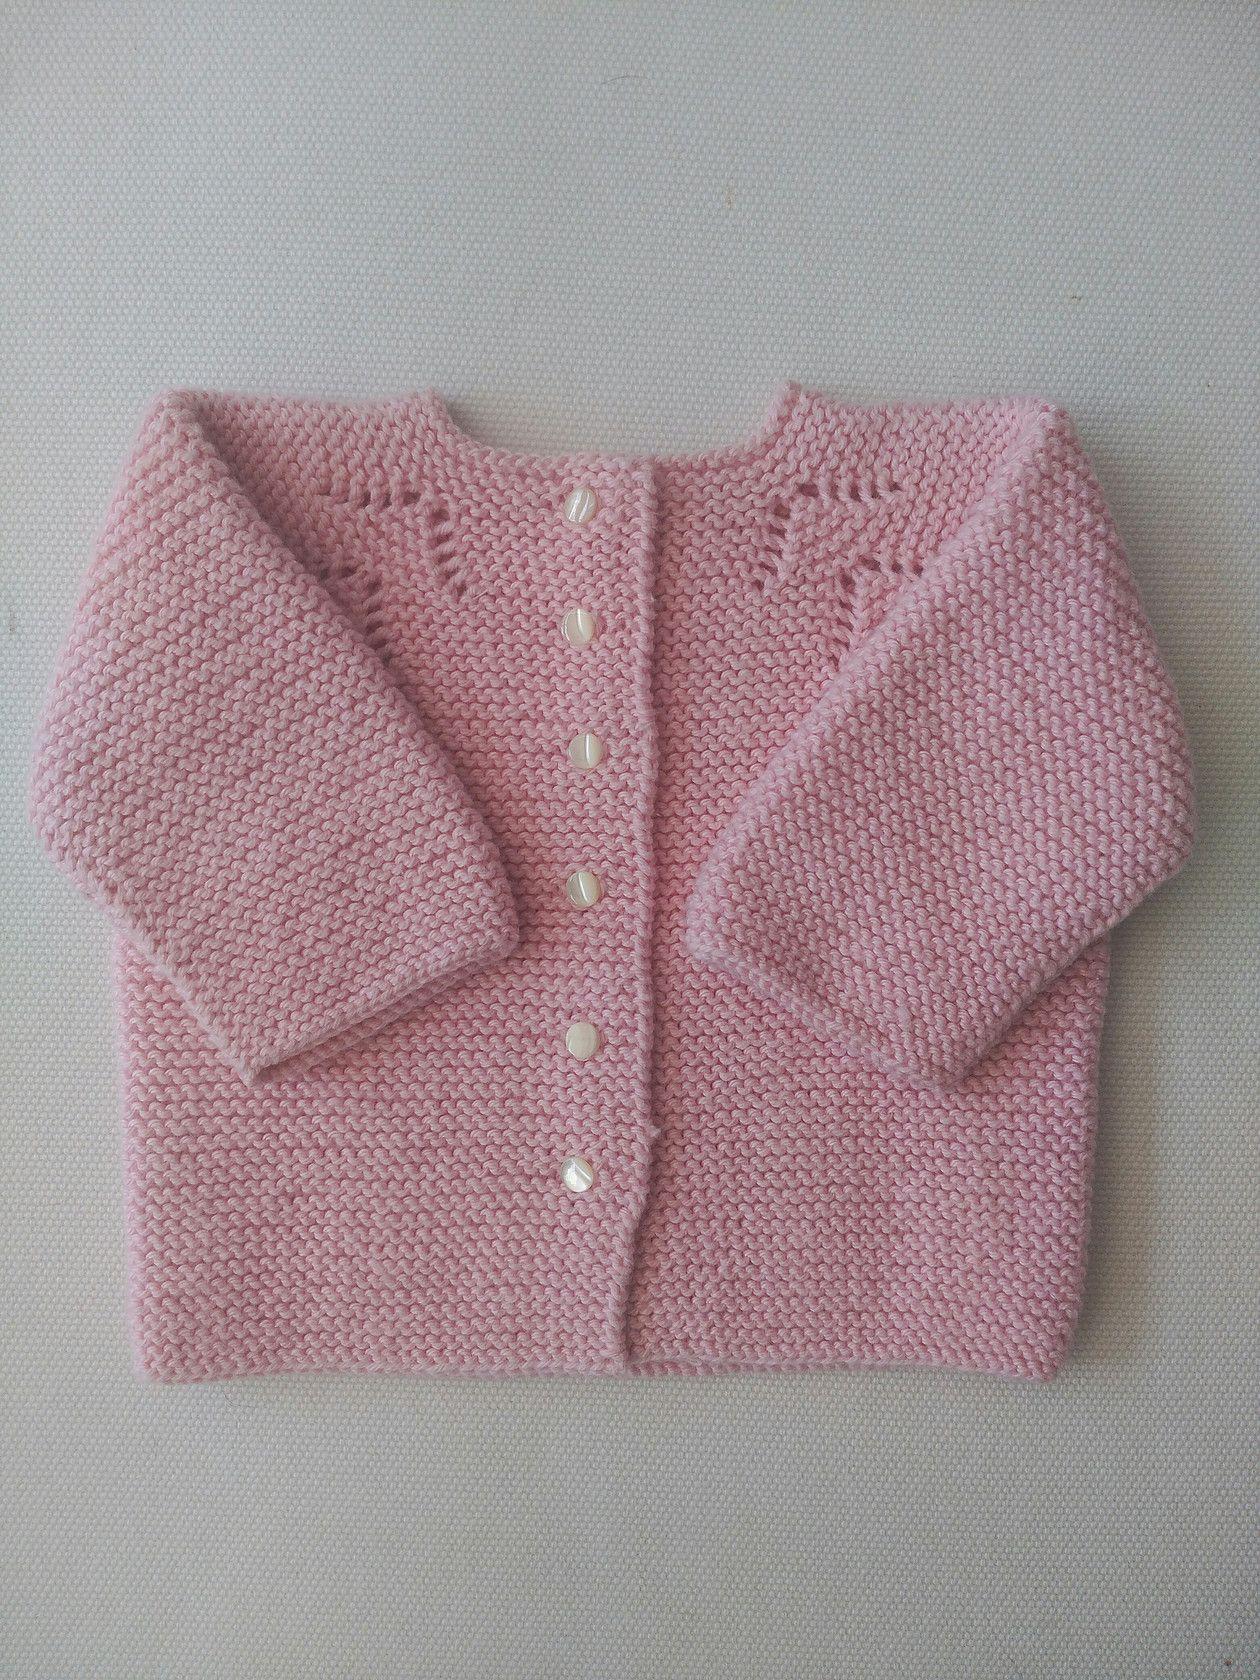 Patrón gratis de este ideal conjunto rosa para un bebé de 3 meses  aproximadamente. No 76b8f82488f